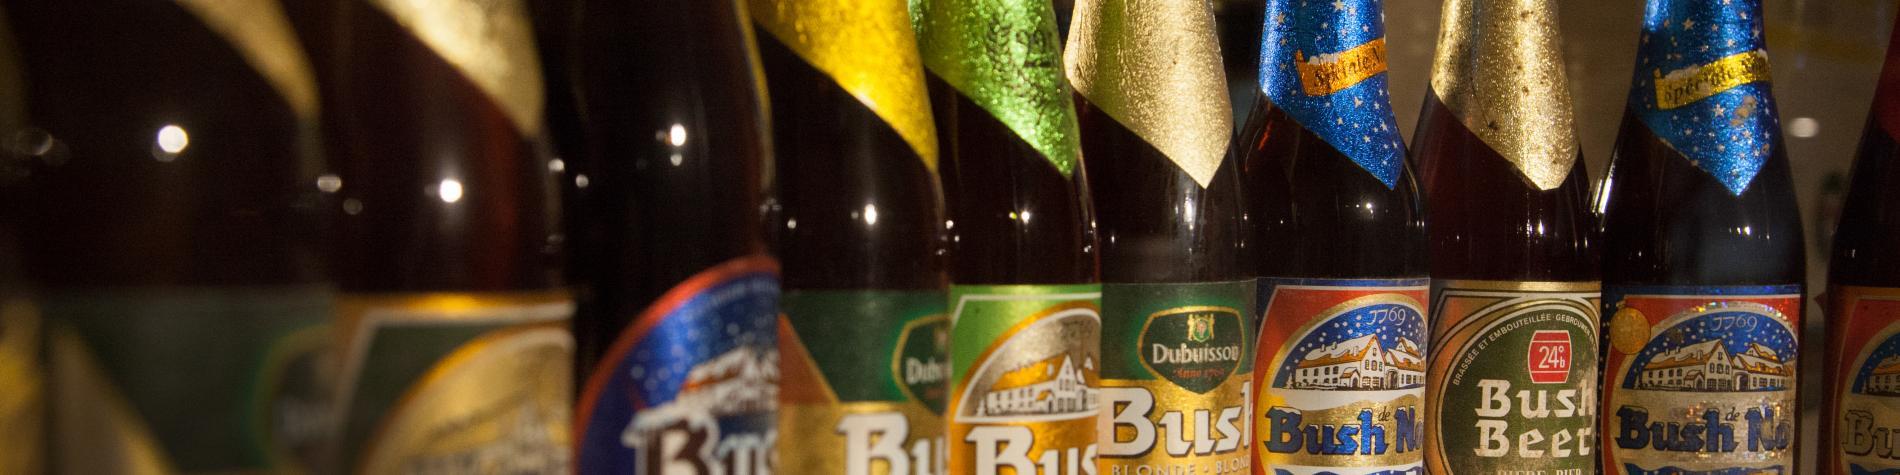 Brasserie Dubuisson - bouteilles de Bush